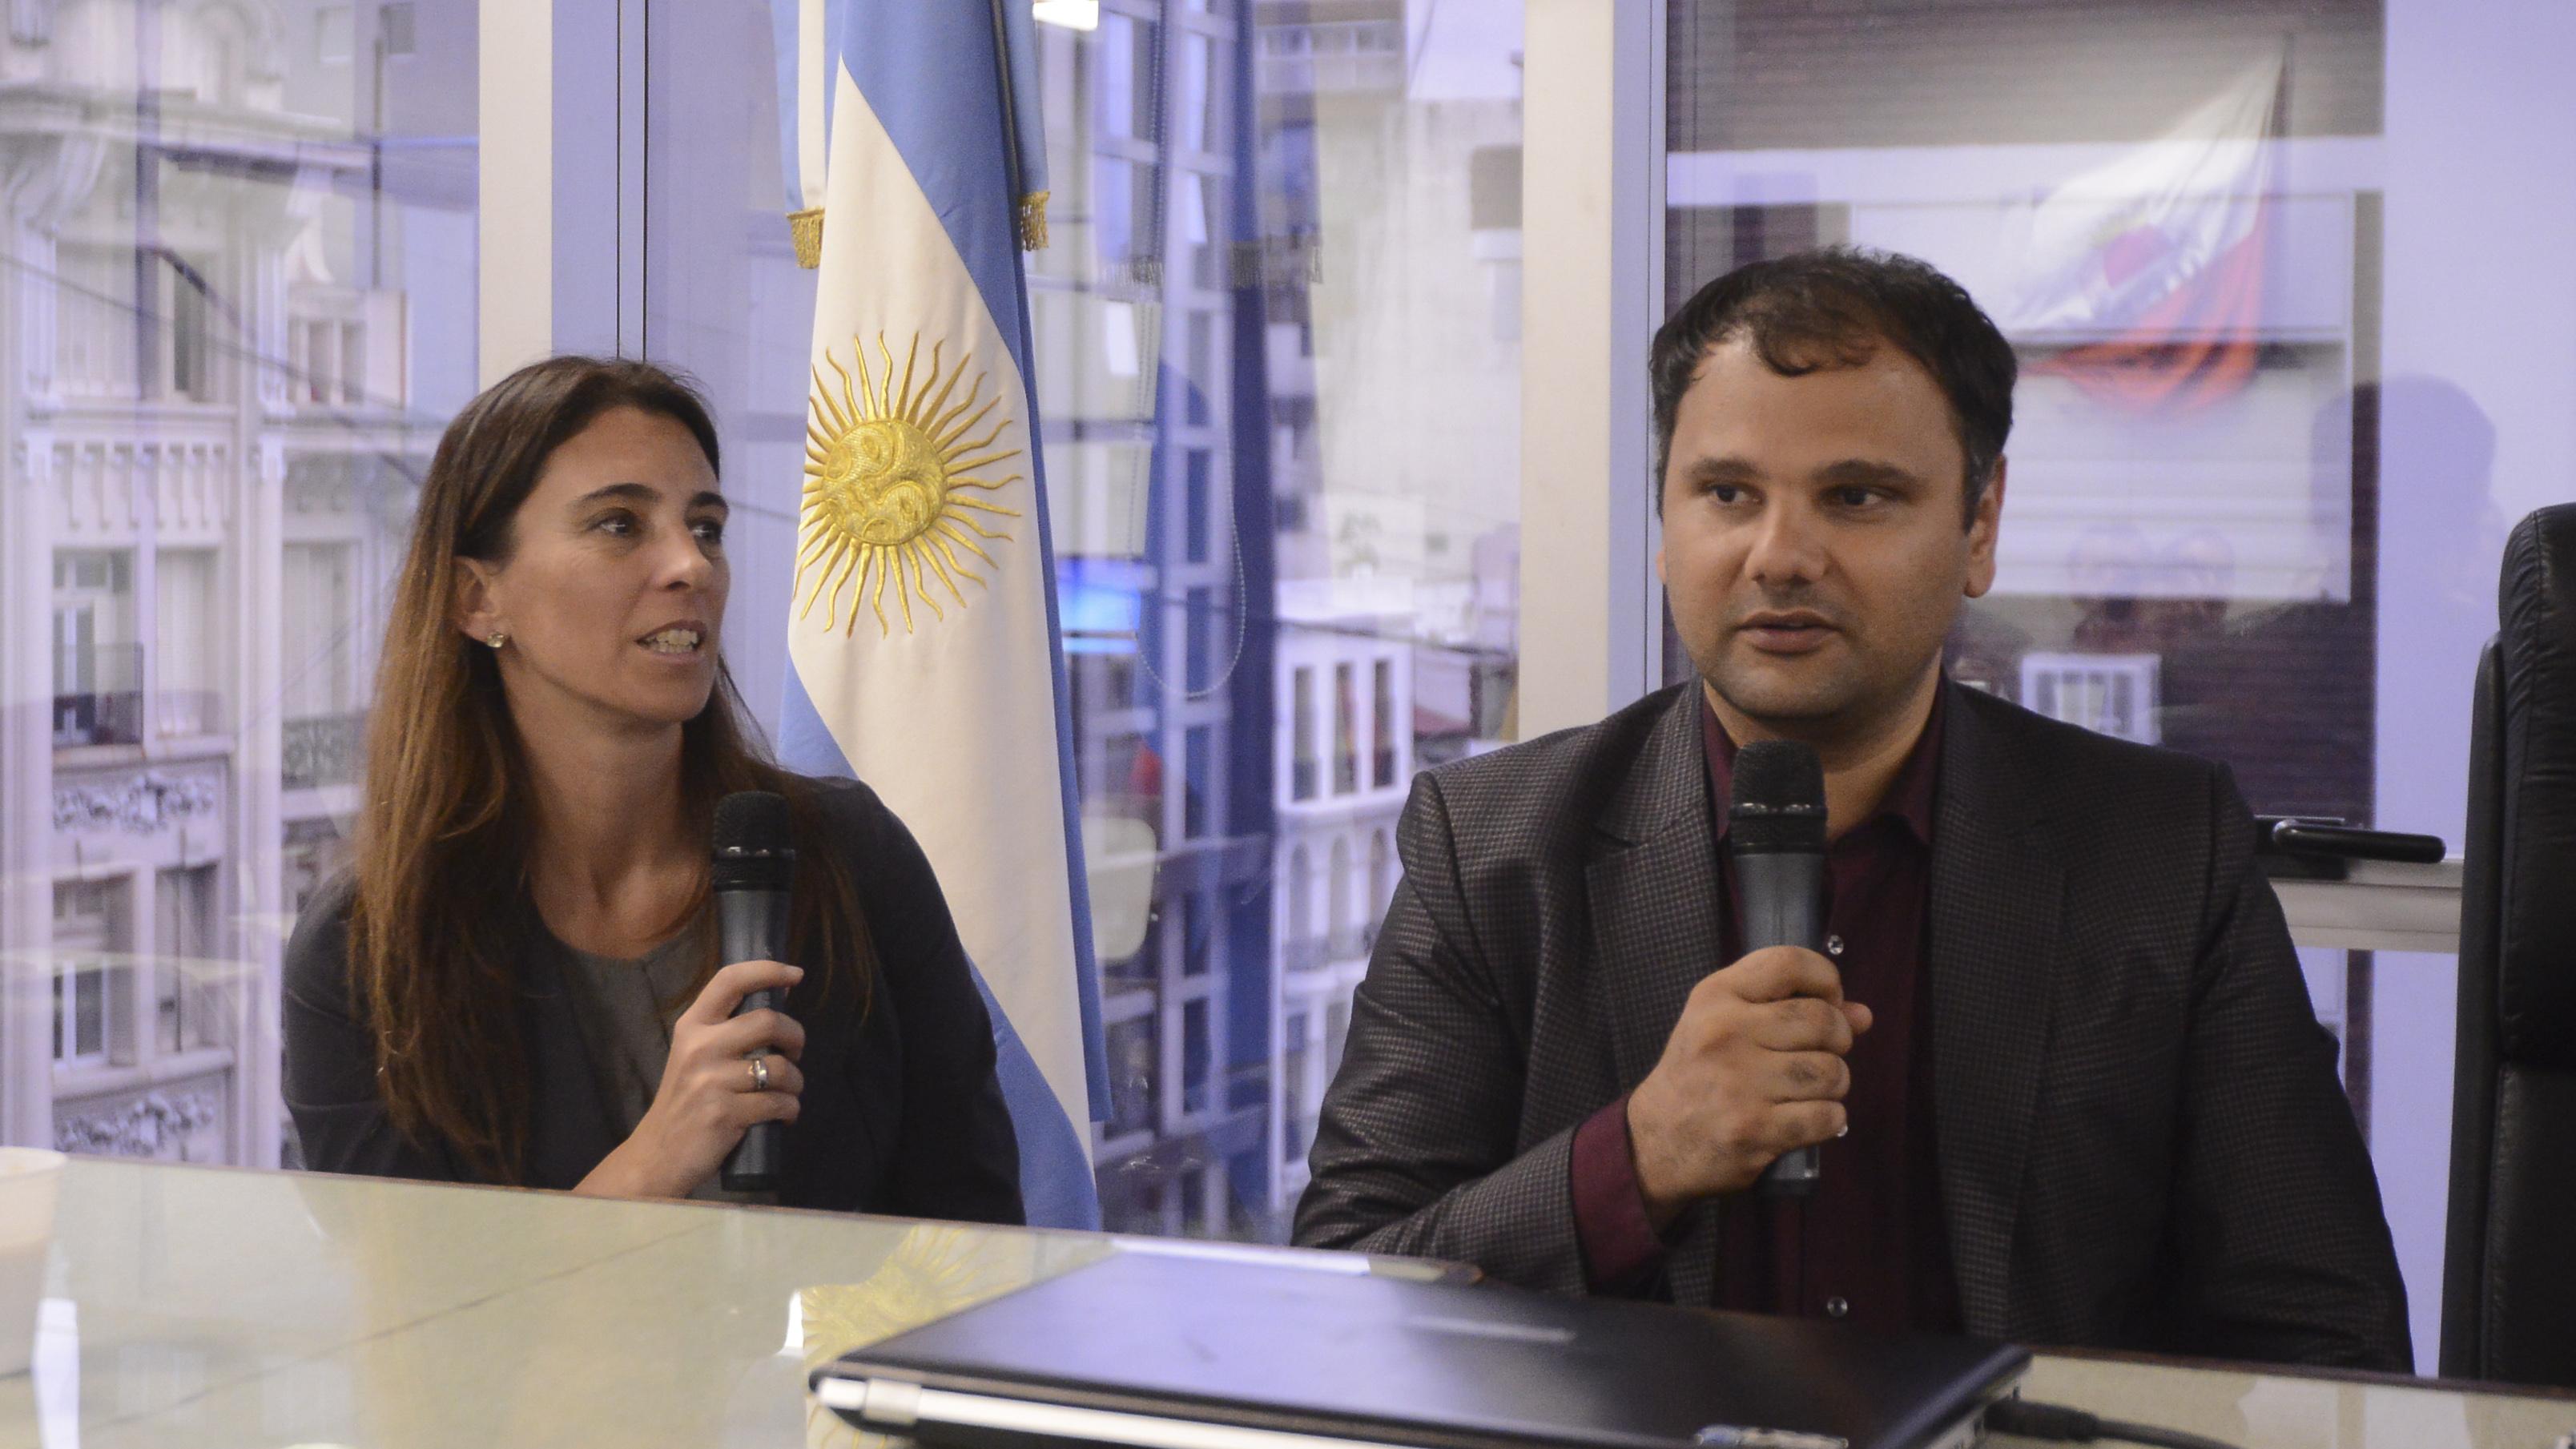 Bonito Reanudar El Consejo Experto Ornamento - Ejemplo De Colección ...